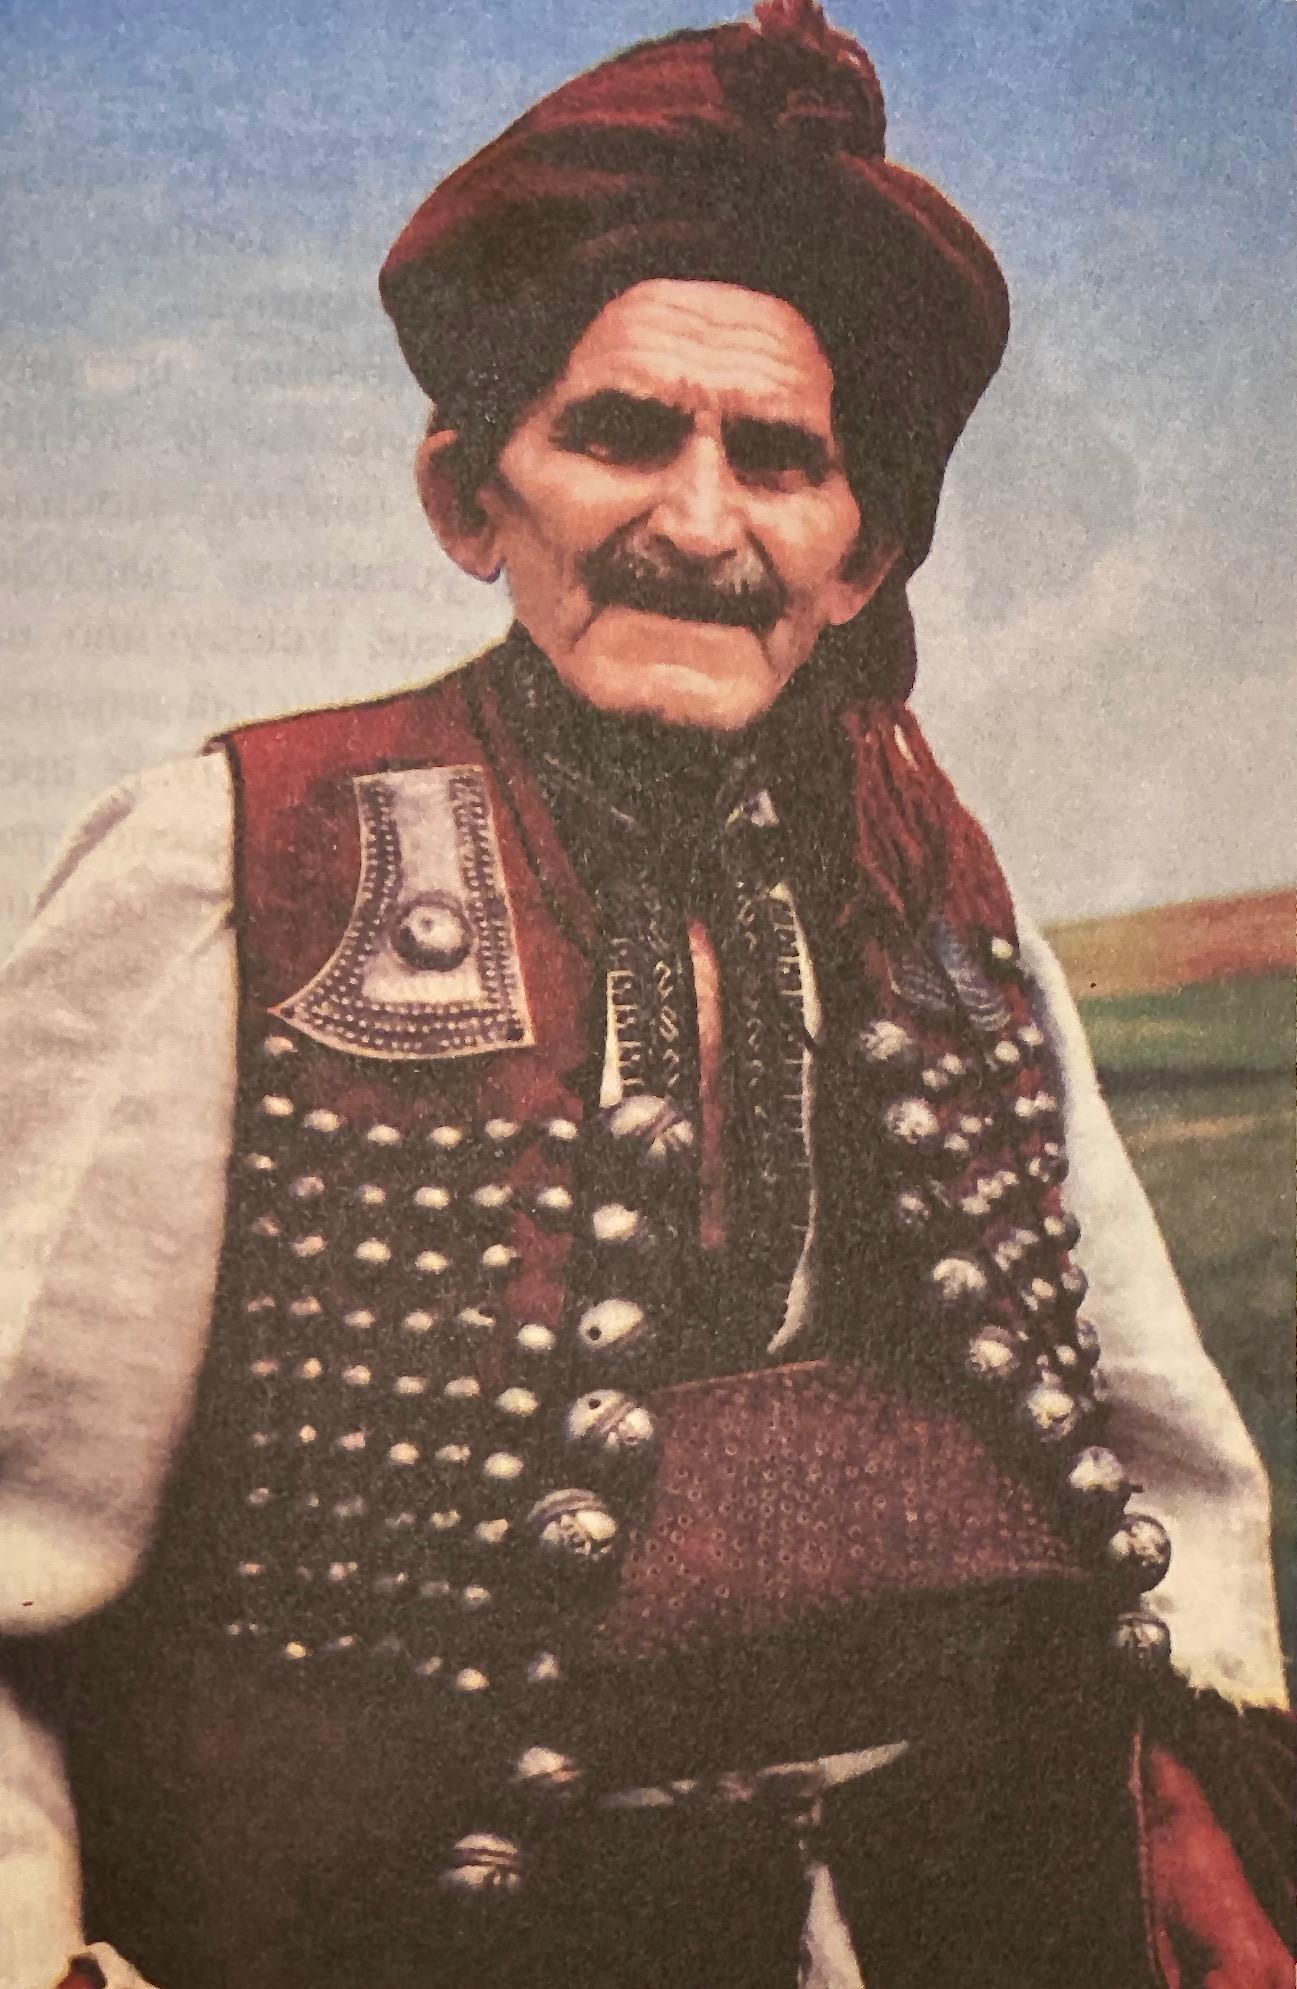 Змијањац из Стричића Михајло Дујић Гаја, рођен 1885. године